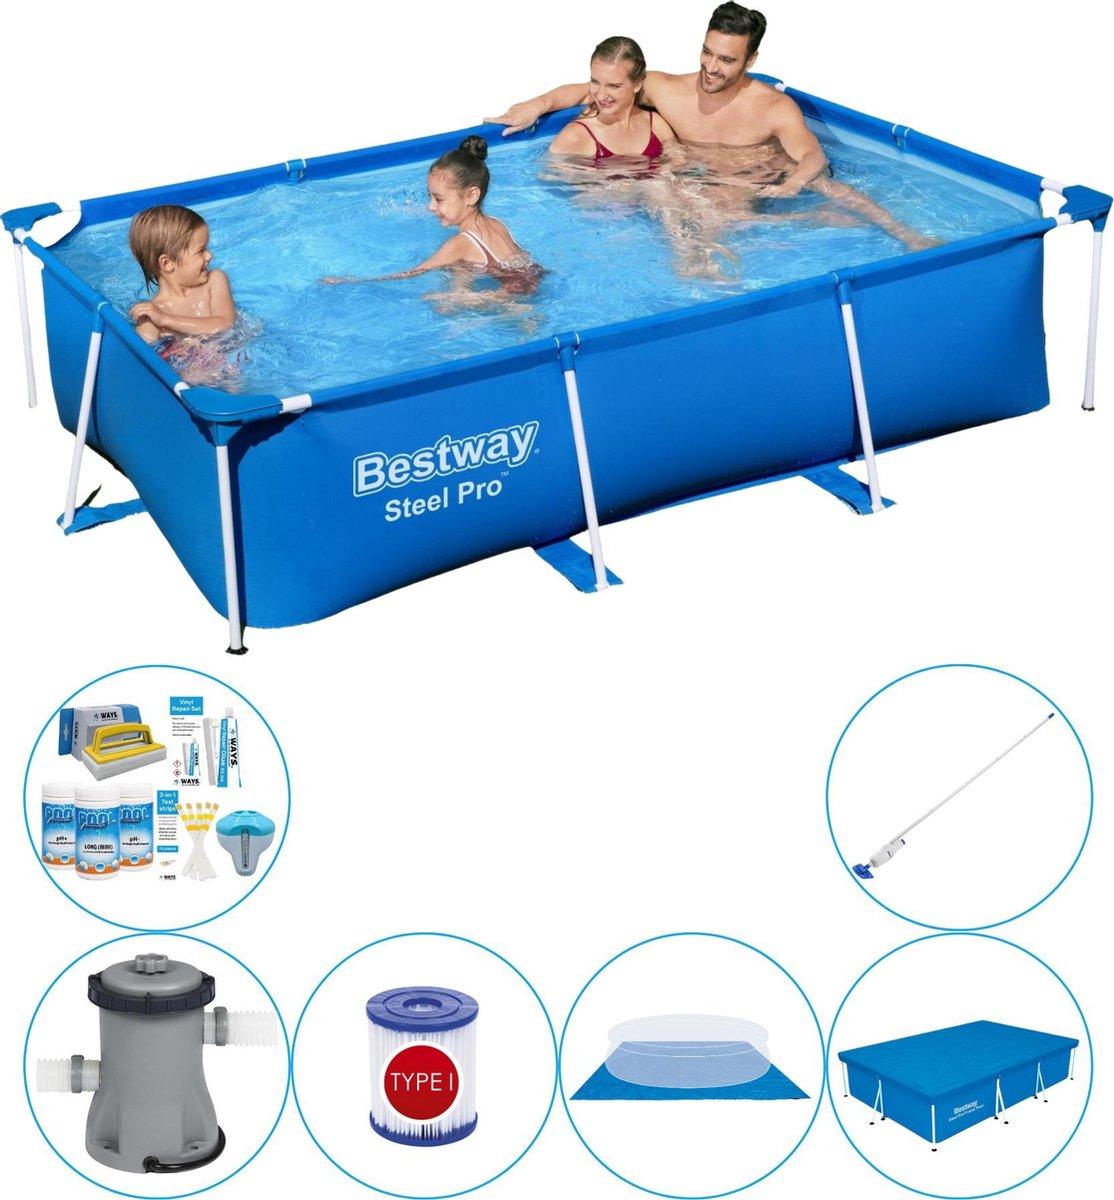 Bestway Steel Pro Rechthoekig Zwembad - 259 x 170 x 61 cm - Blauw - Voordelig Pakket